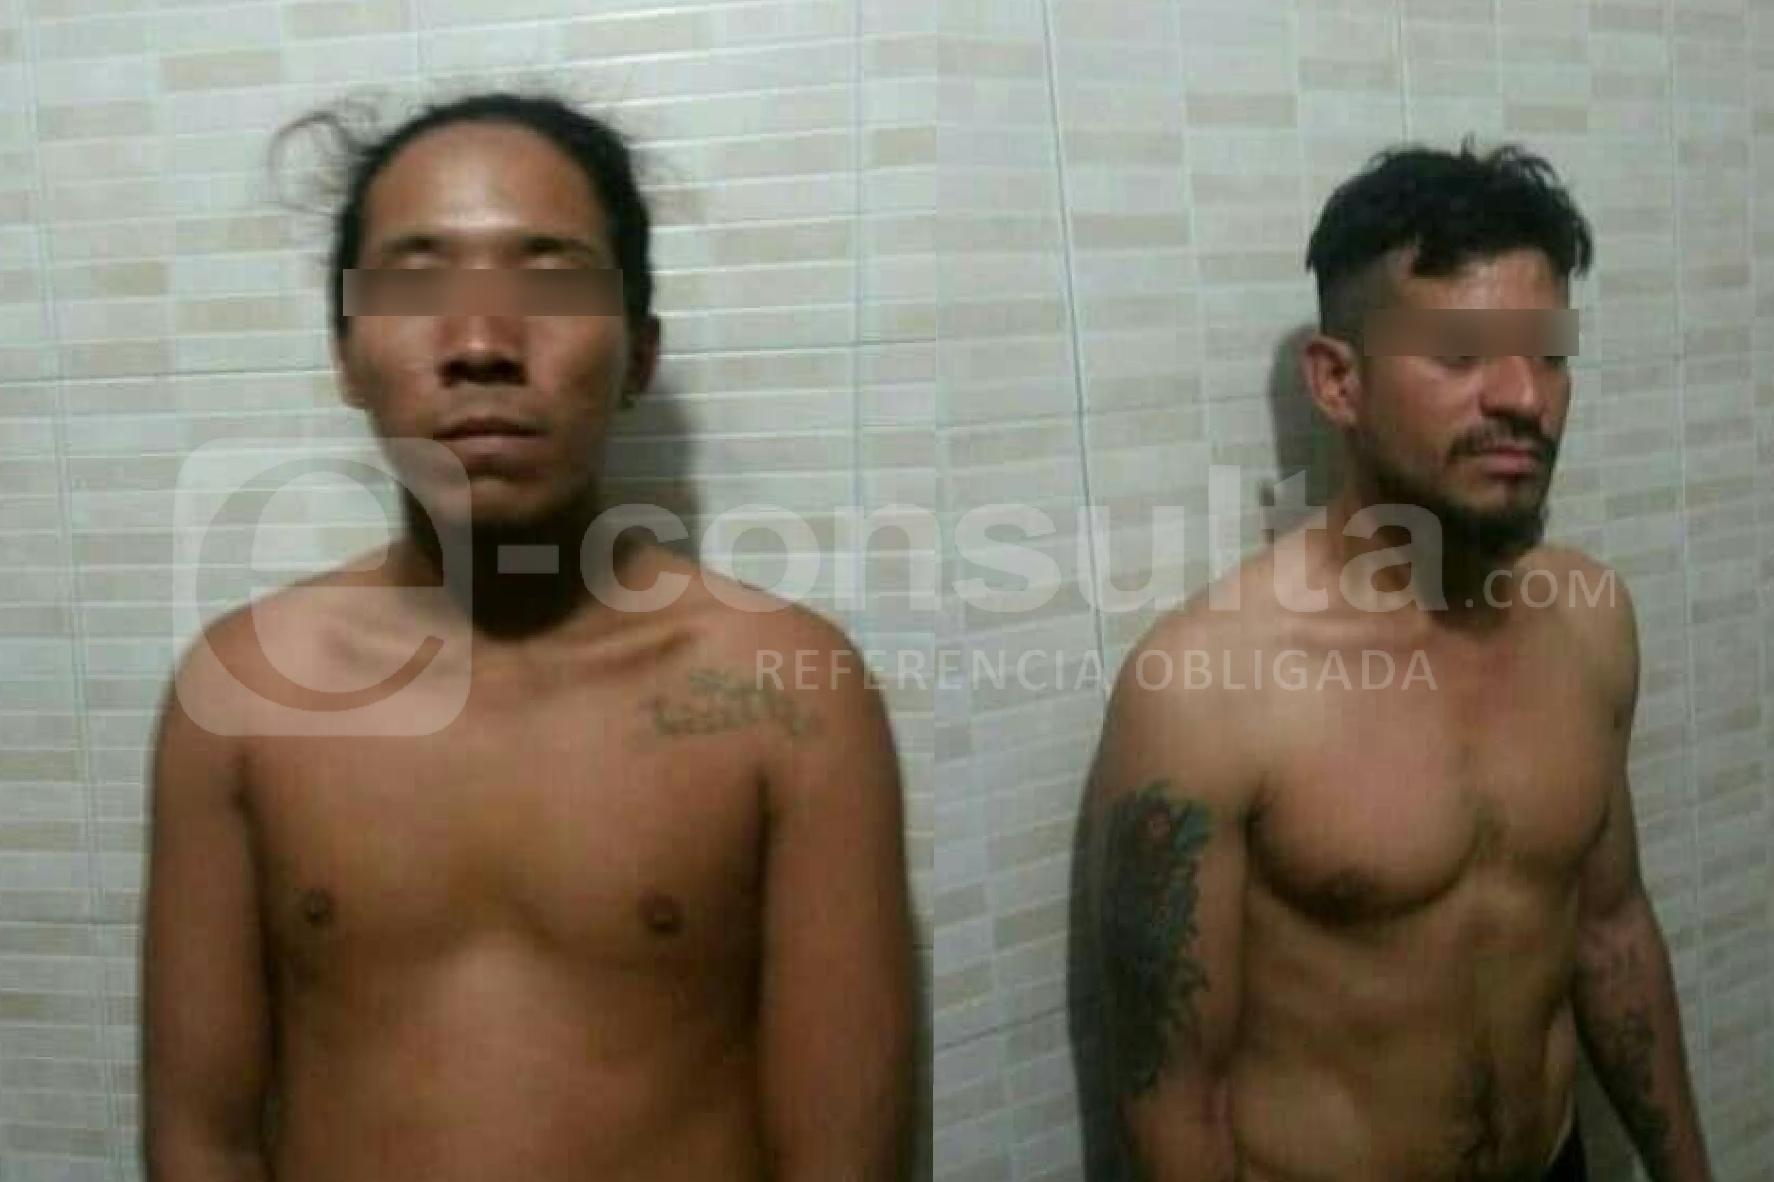 Detienen a dos hondureños por robos a Oxxos en Tecamachalco